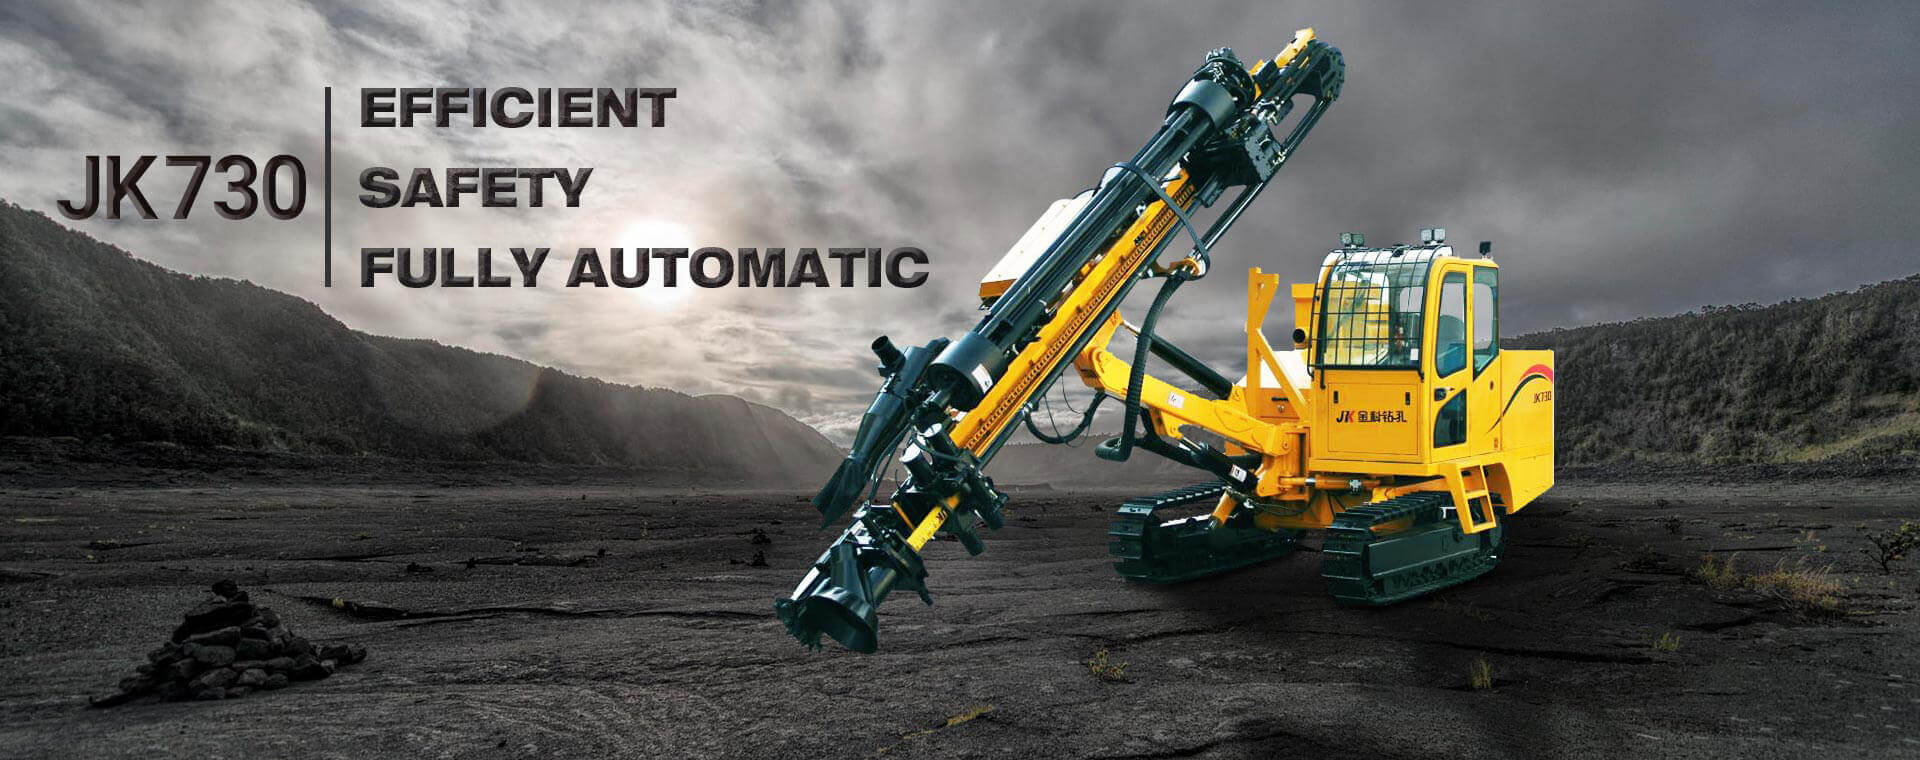 Tophammer Drill Rig